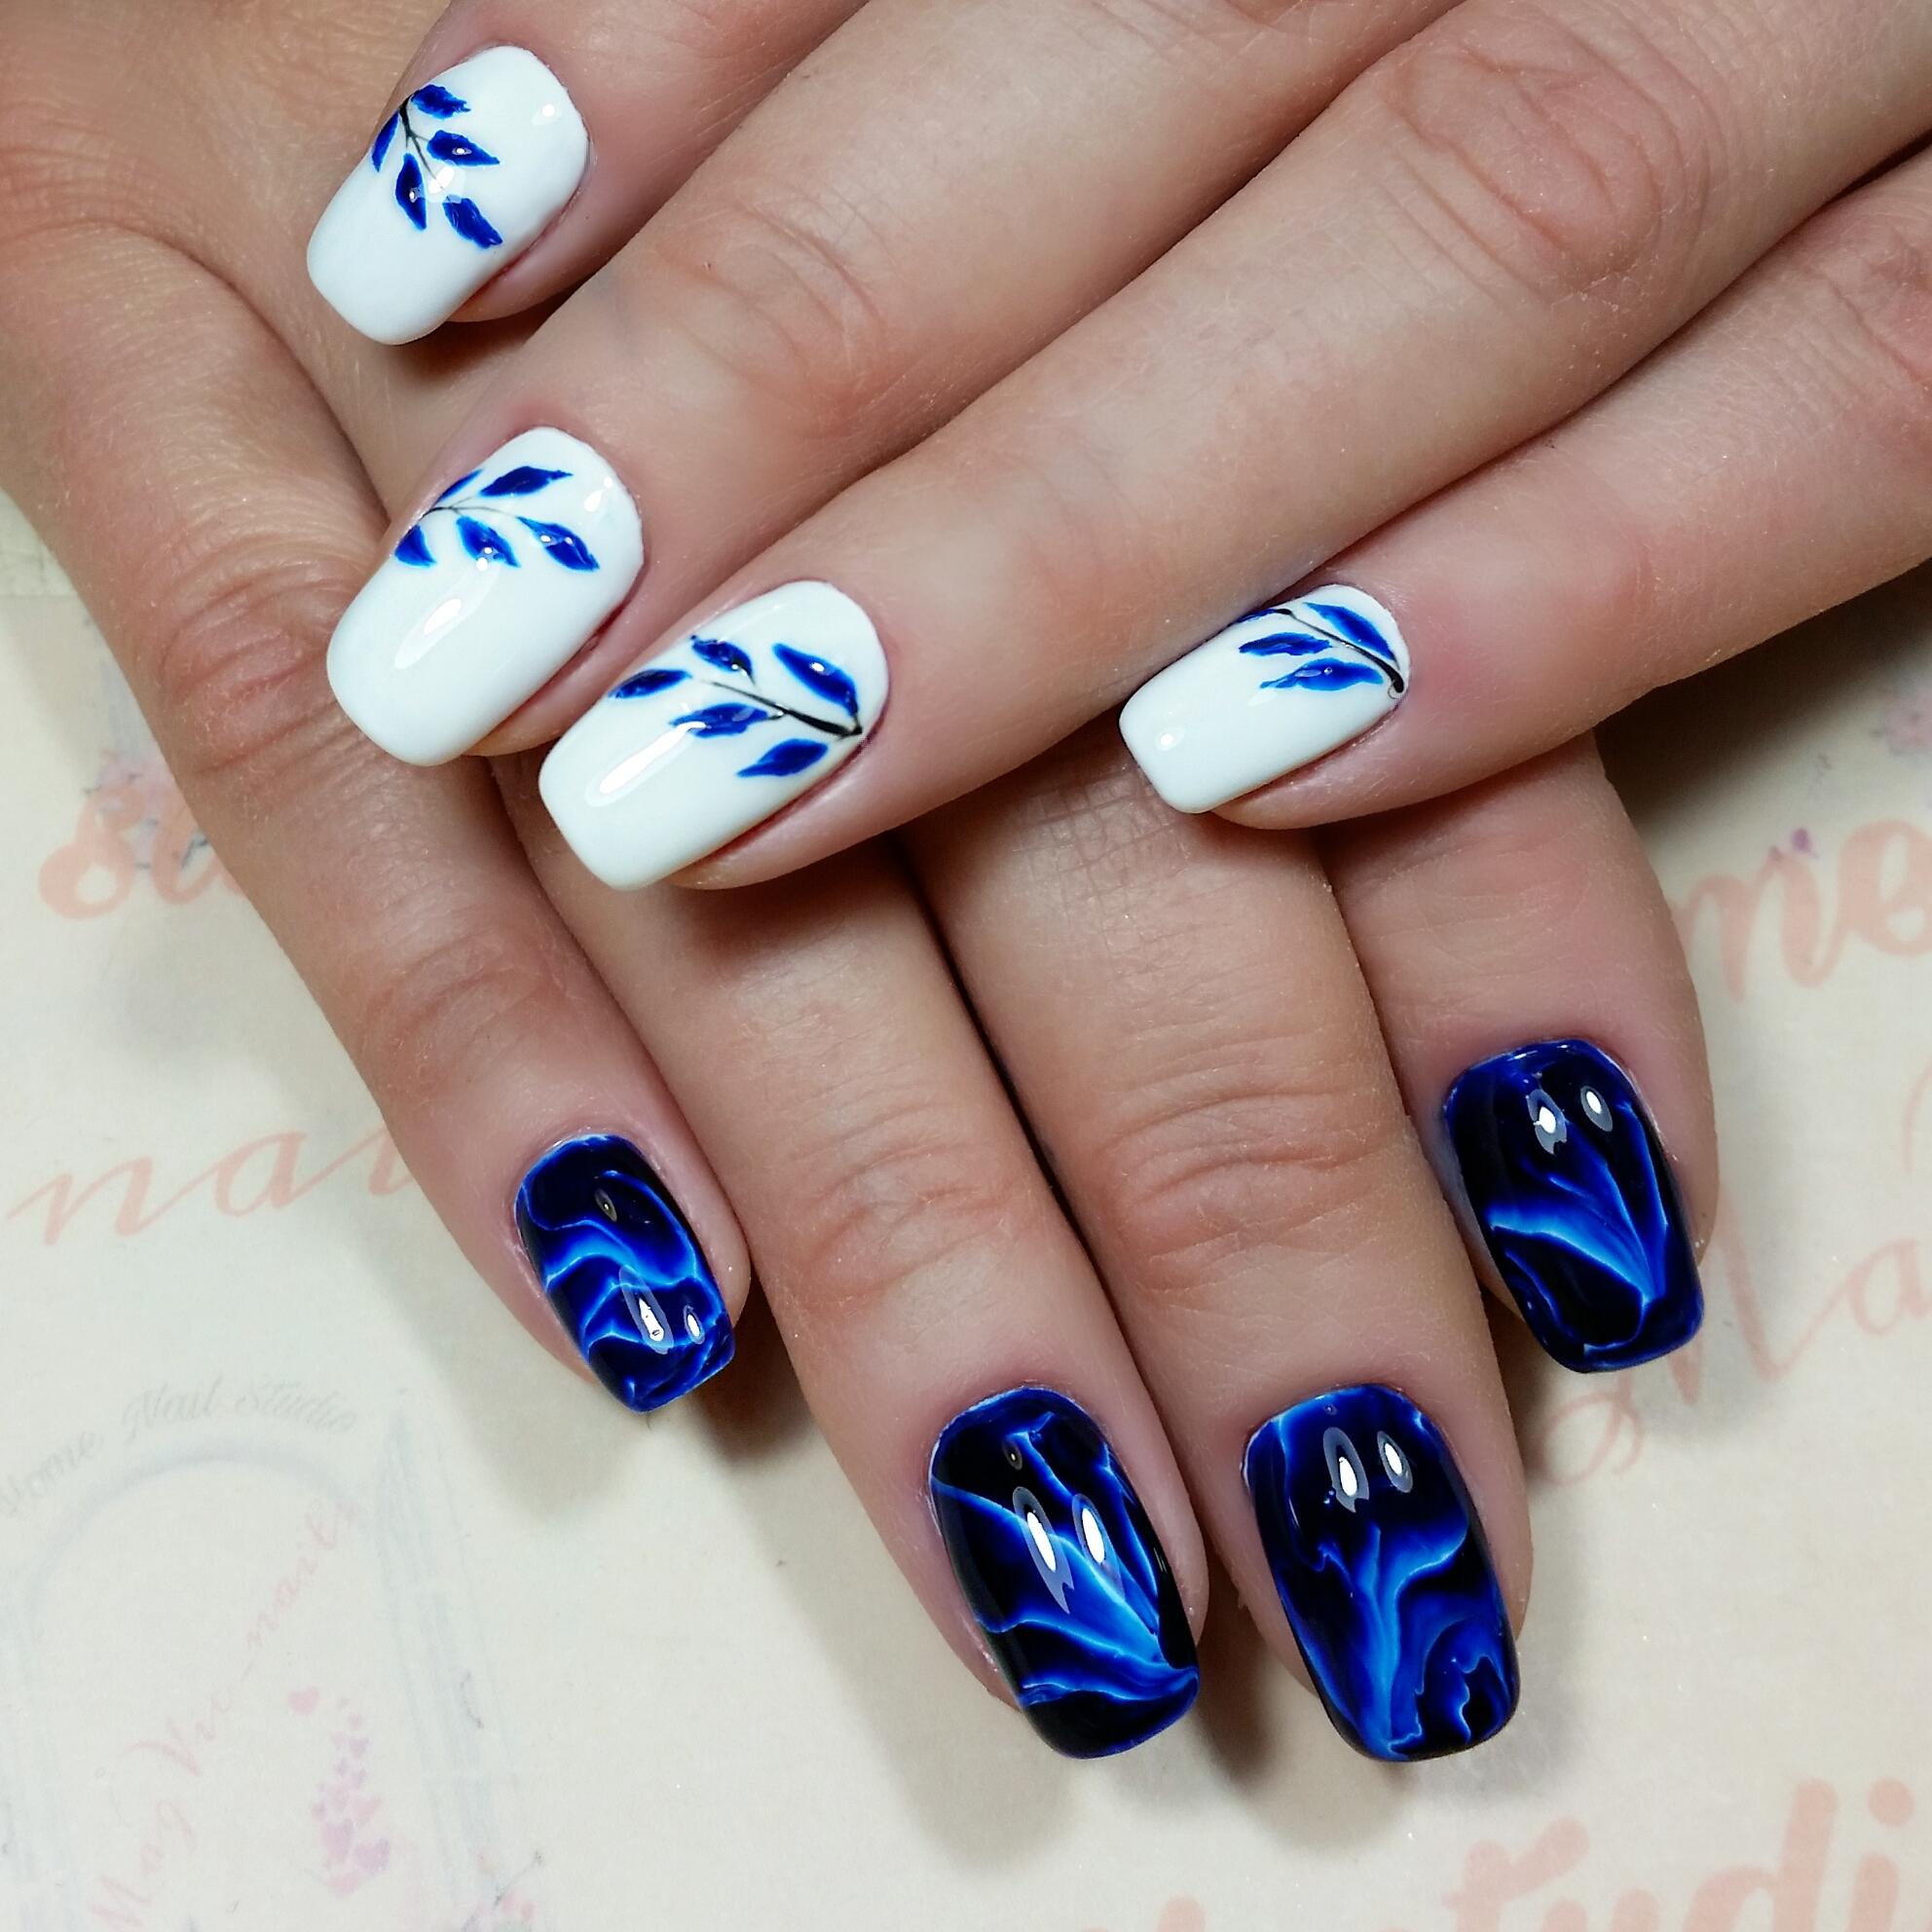 Контрастный маникюр в белом и синем цвете с растительным рисунком.